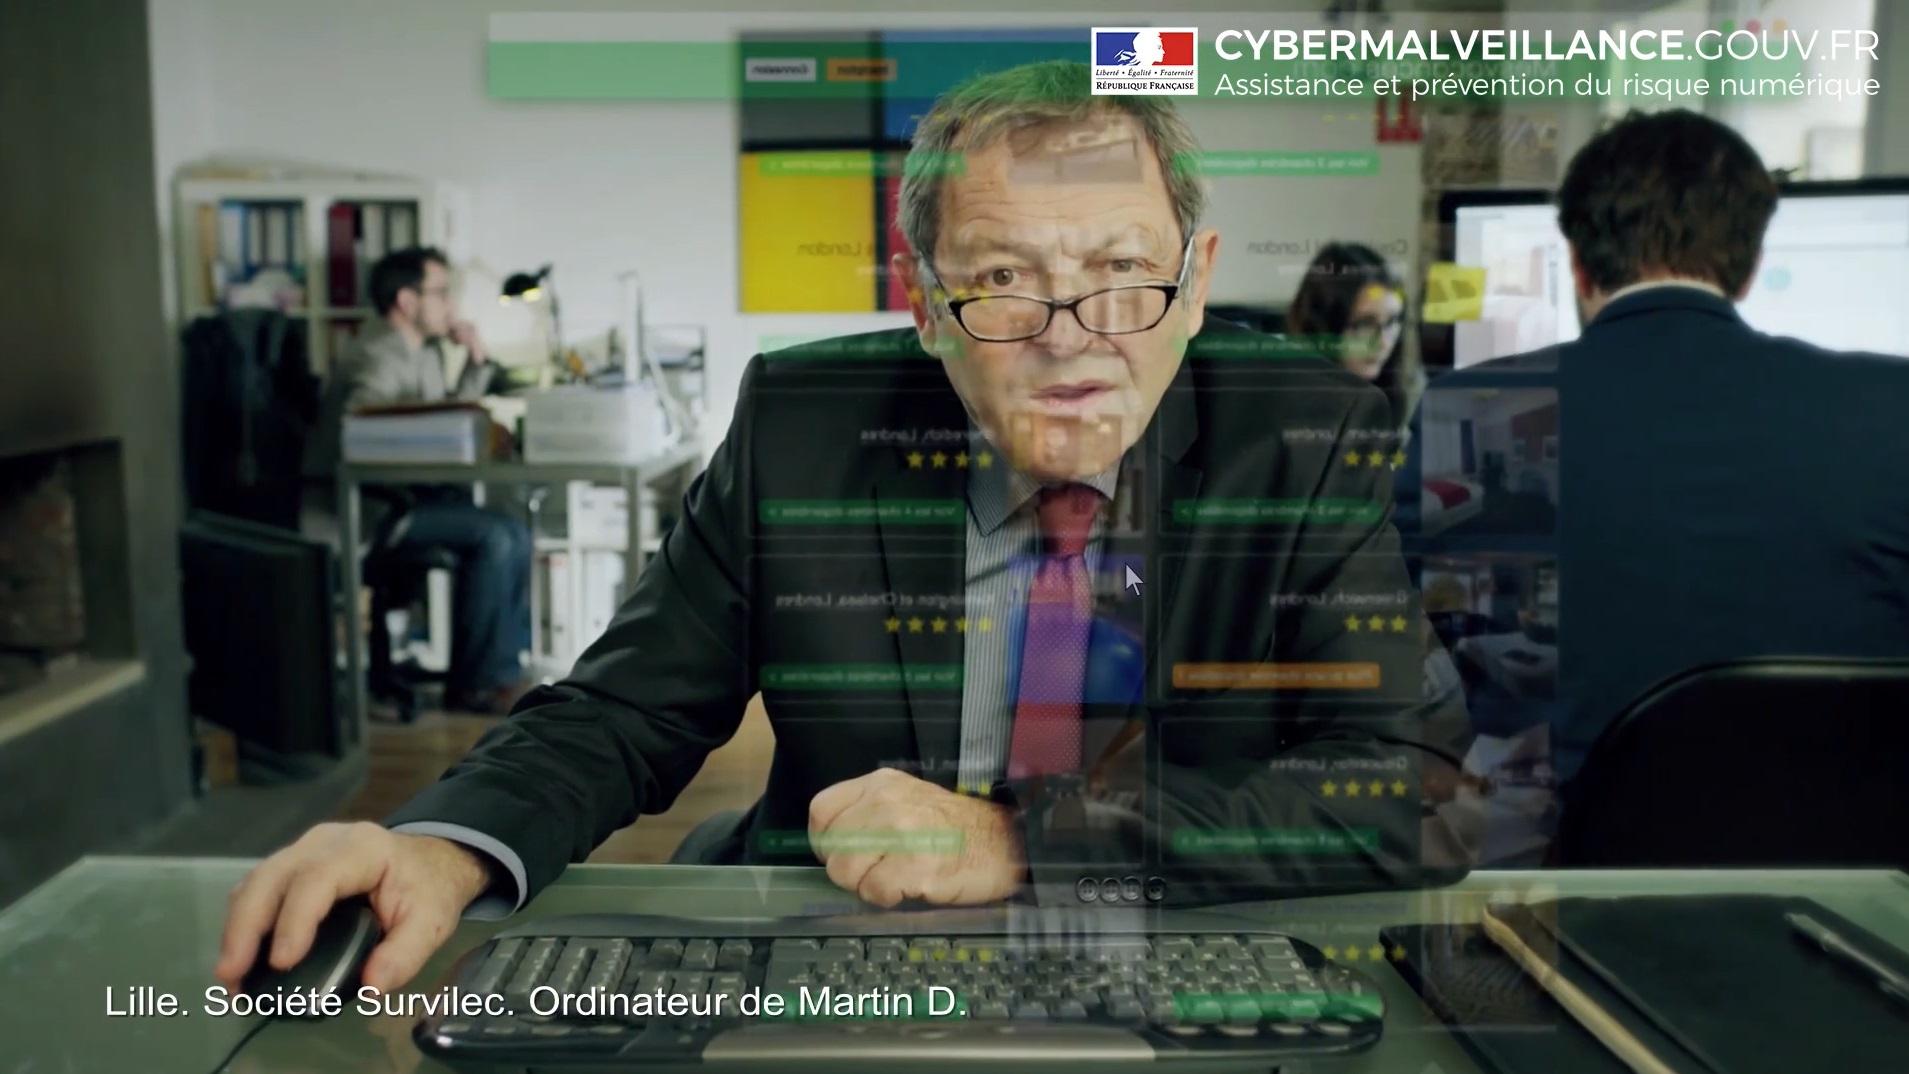 Octobre, Mois européen de la cybersécurité